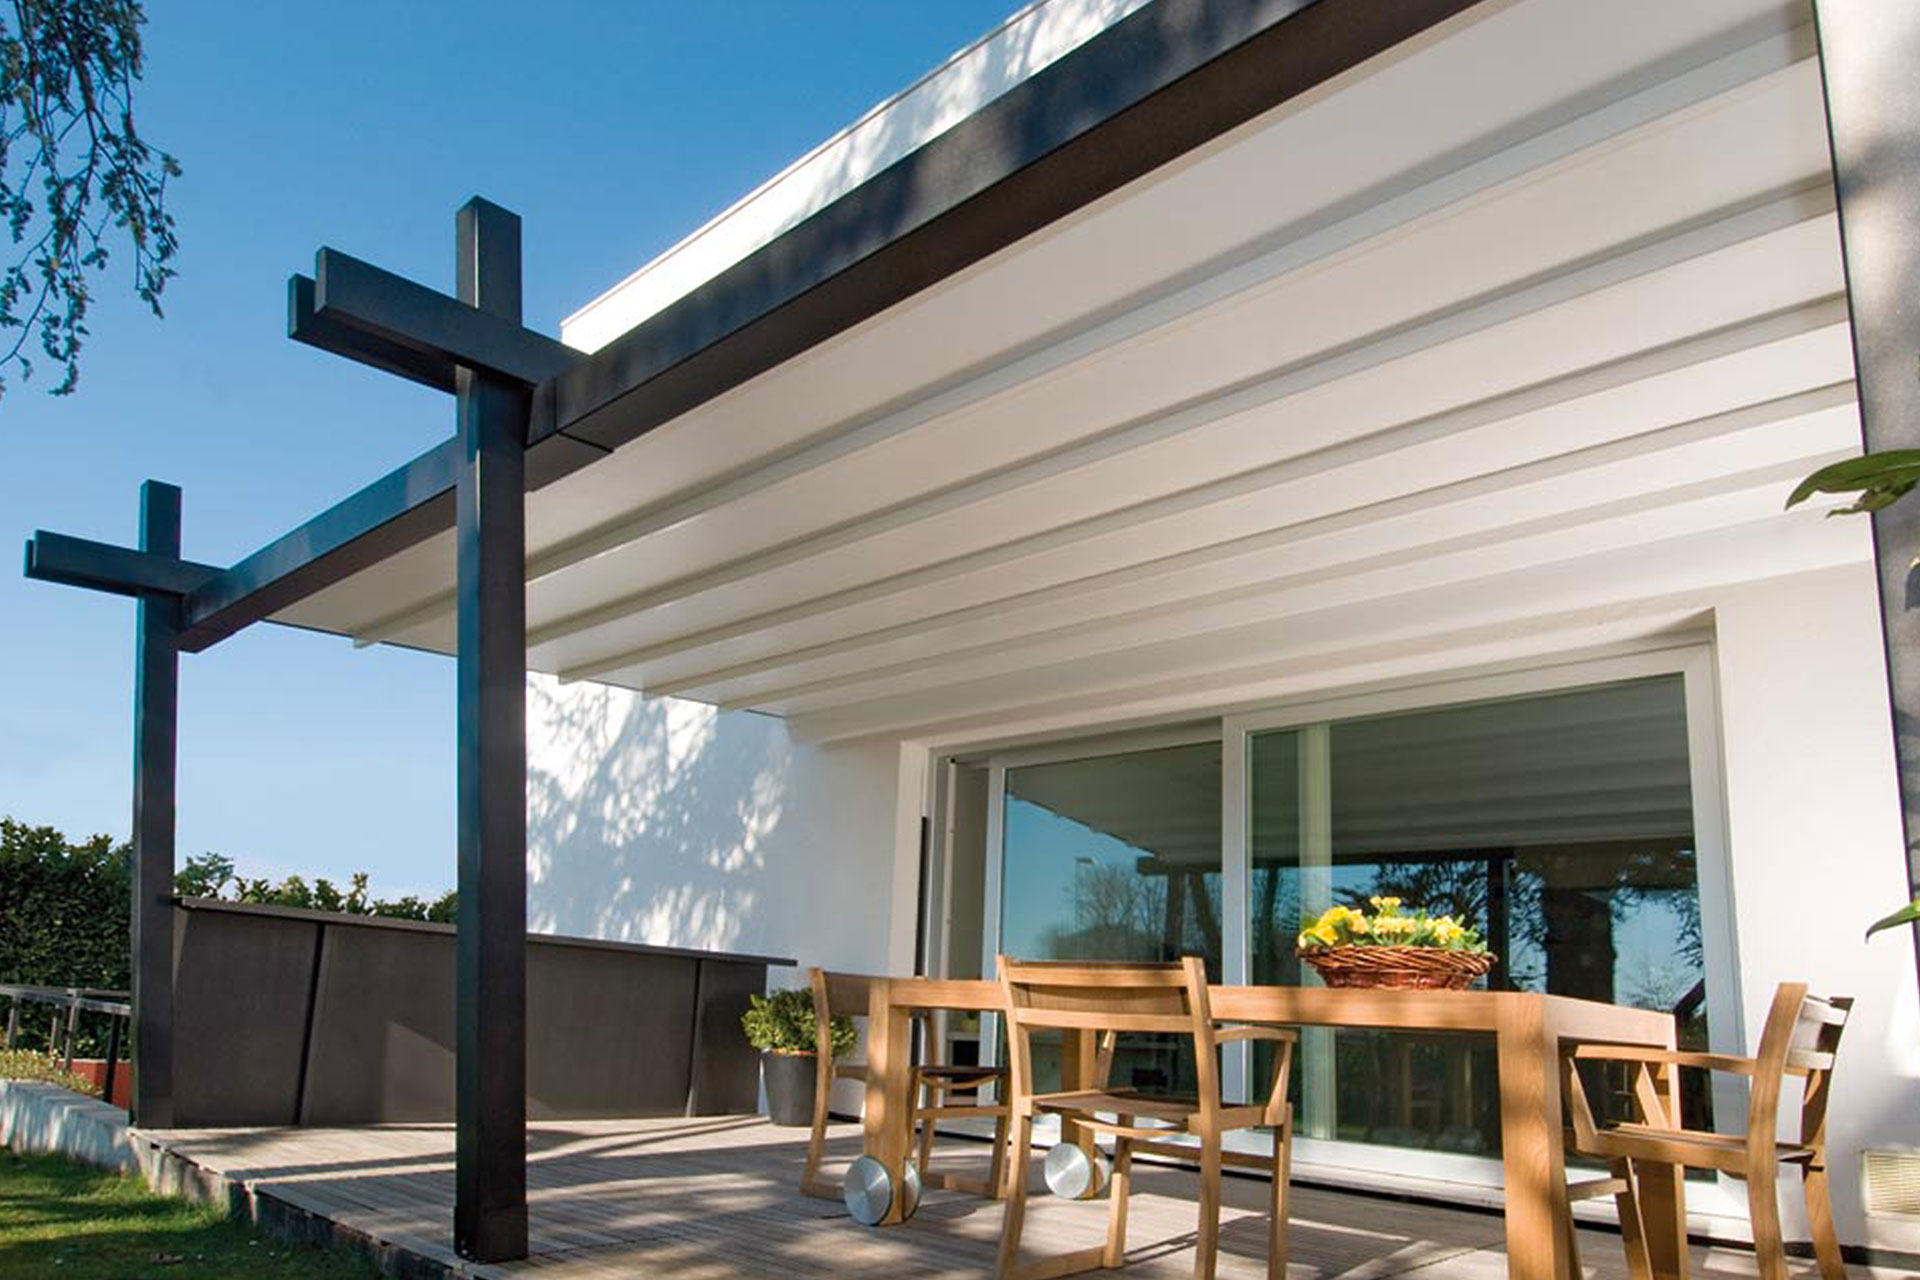 pergola albo serramenti alluminio giardino grado 2